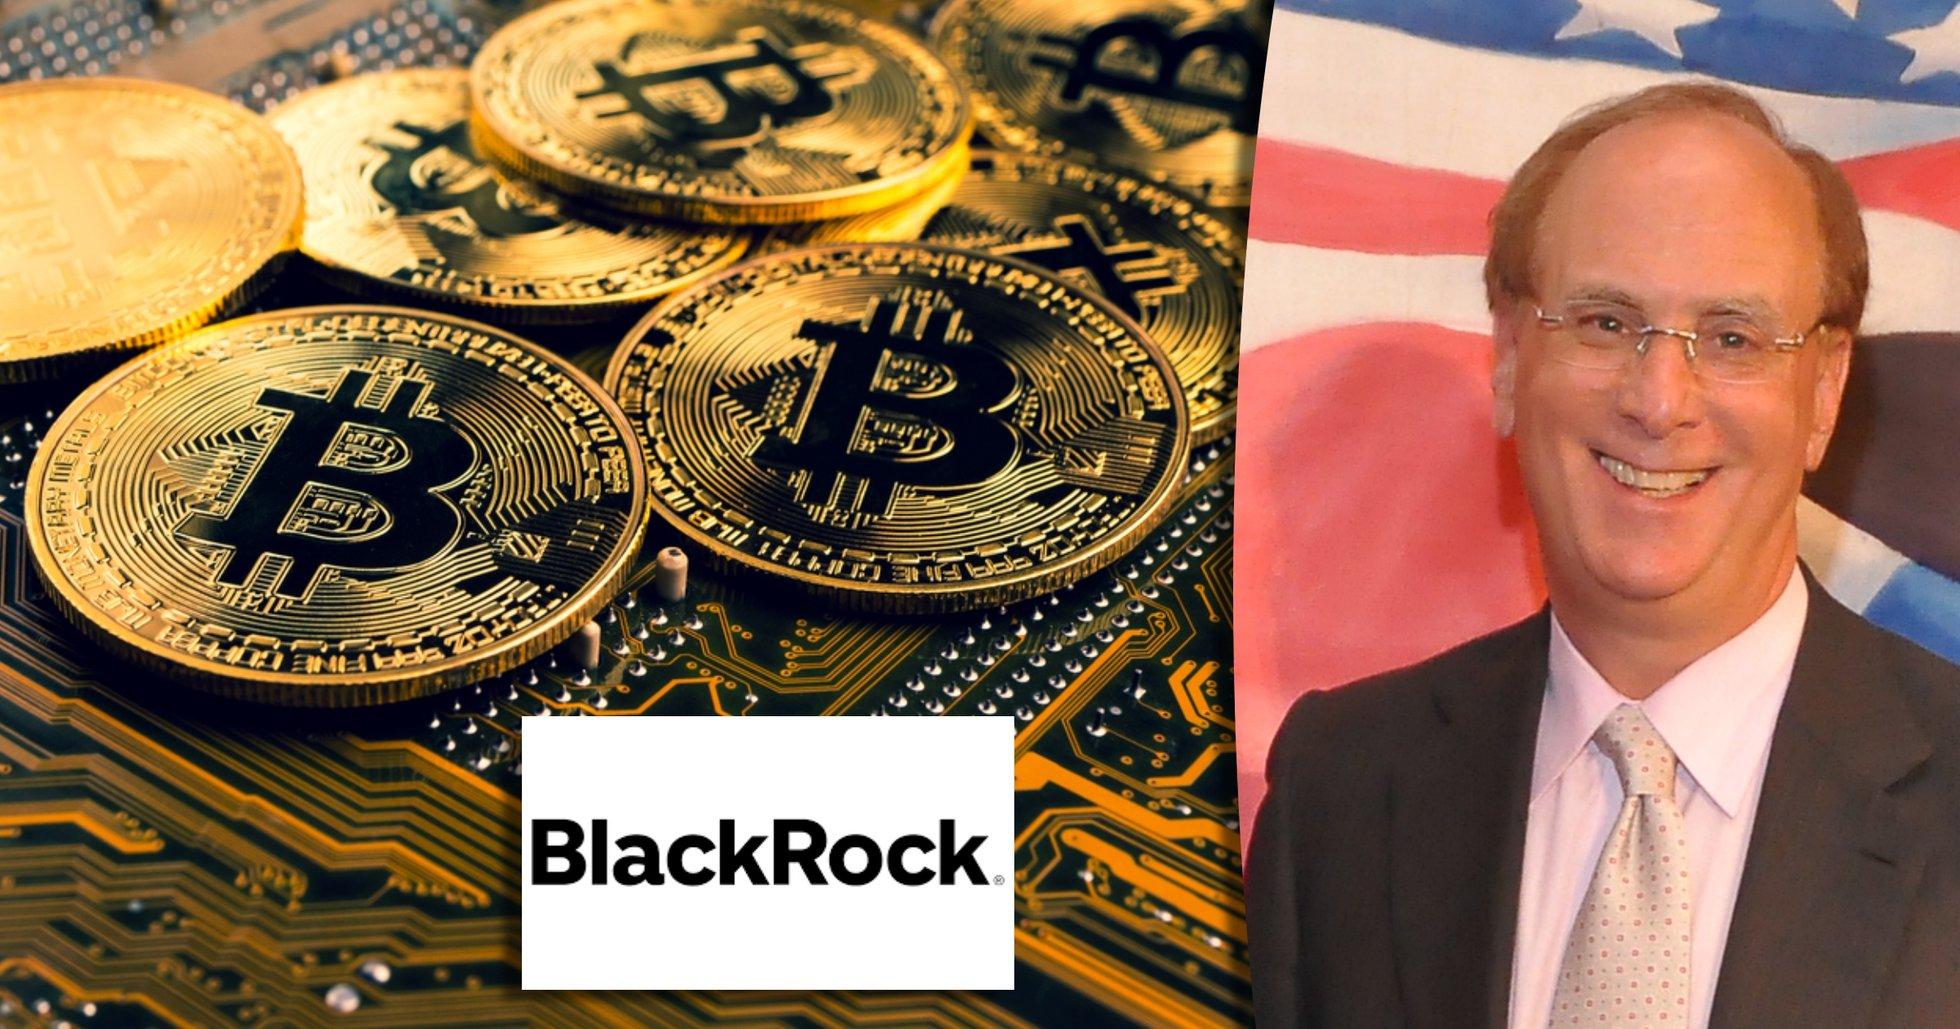 Black Rocks vd: Kryptovalutor kan bli stort – men ingen ersättning för fiatvalutor